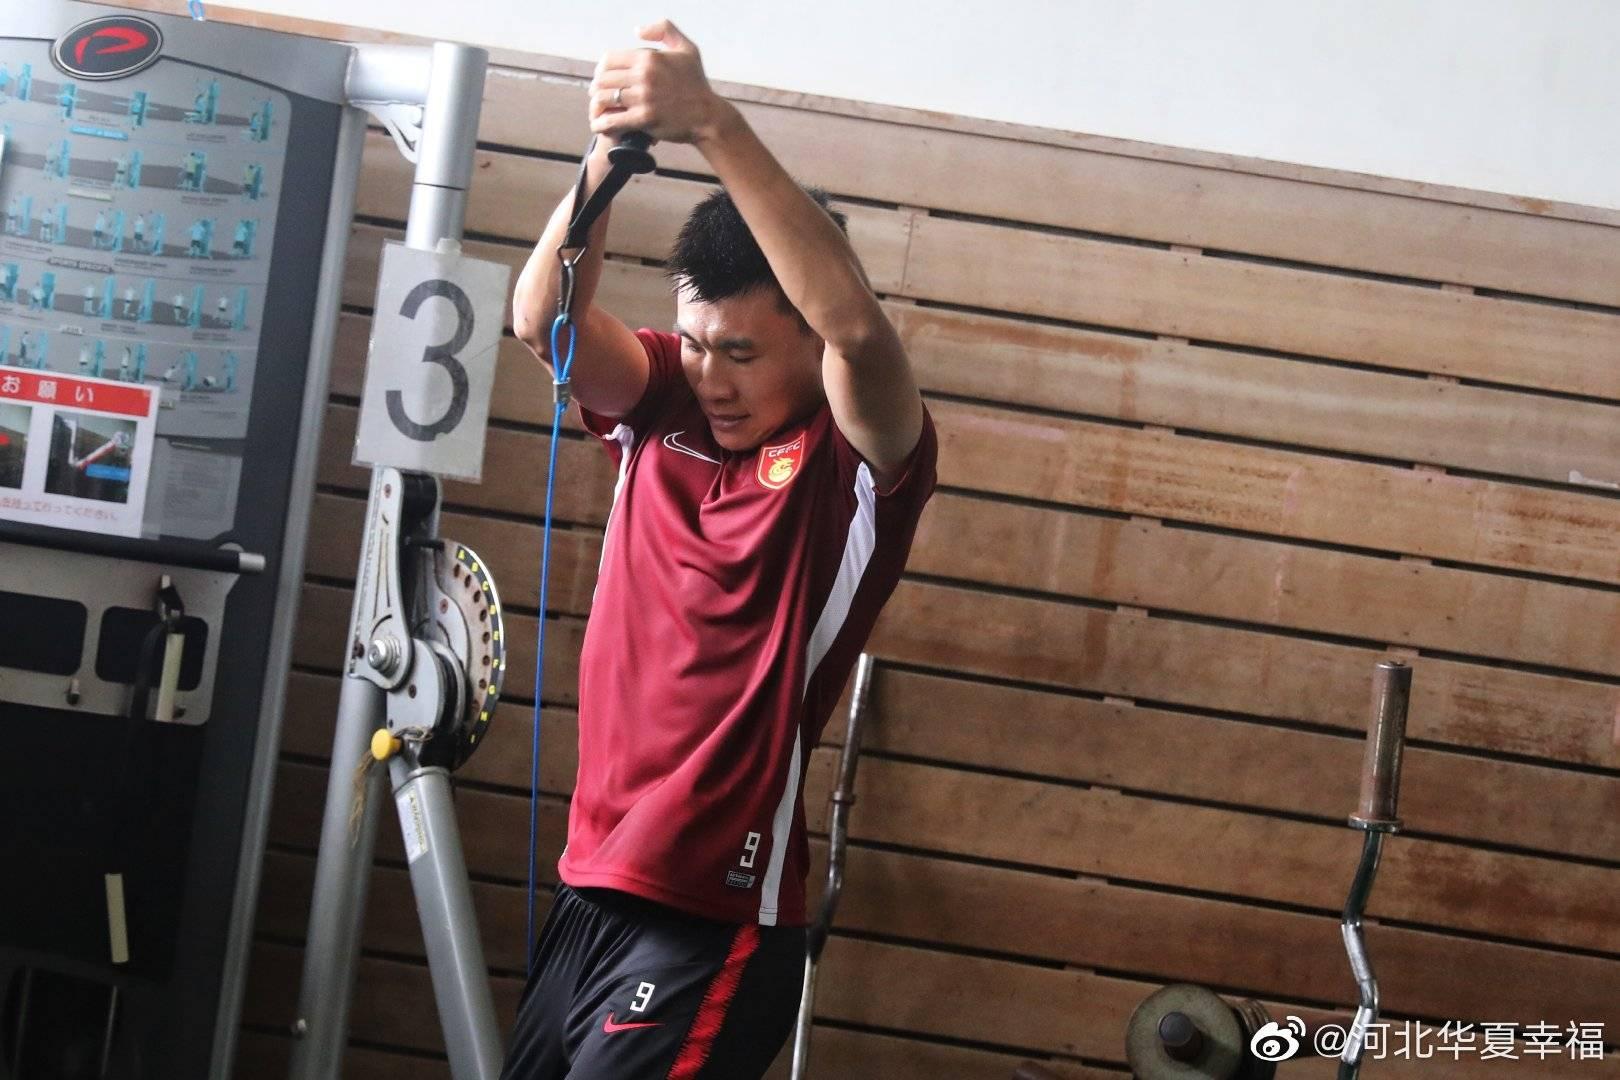 河北华夏幸福俱乐部表示:联赛开期尚不确定,但我们从未松懈